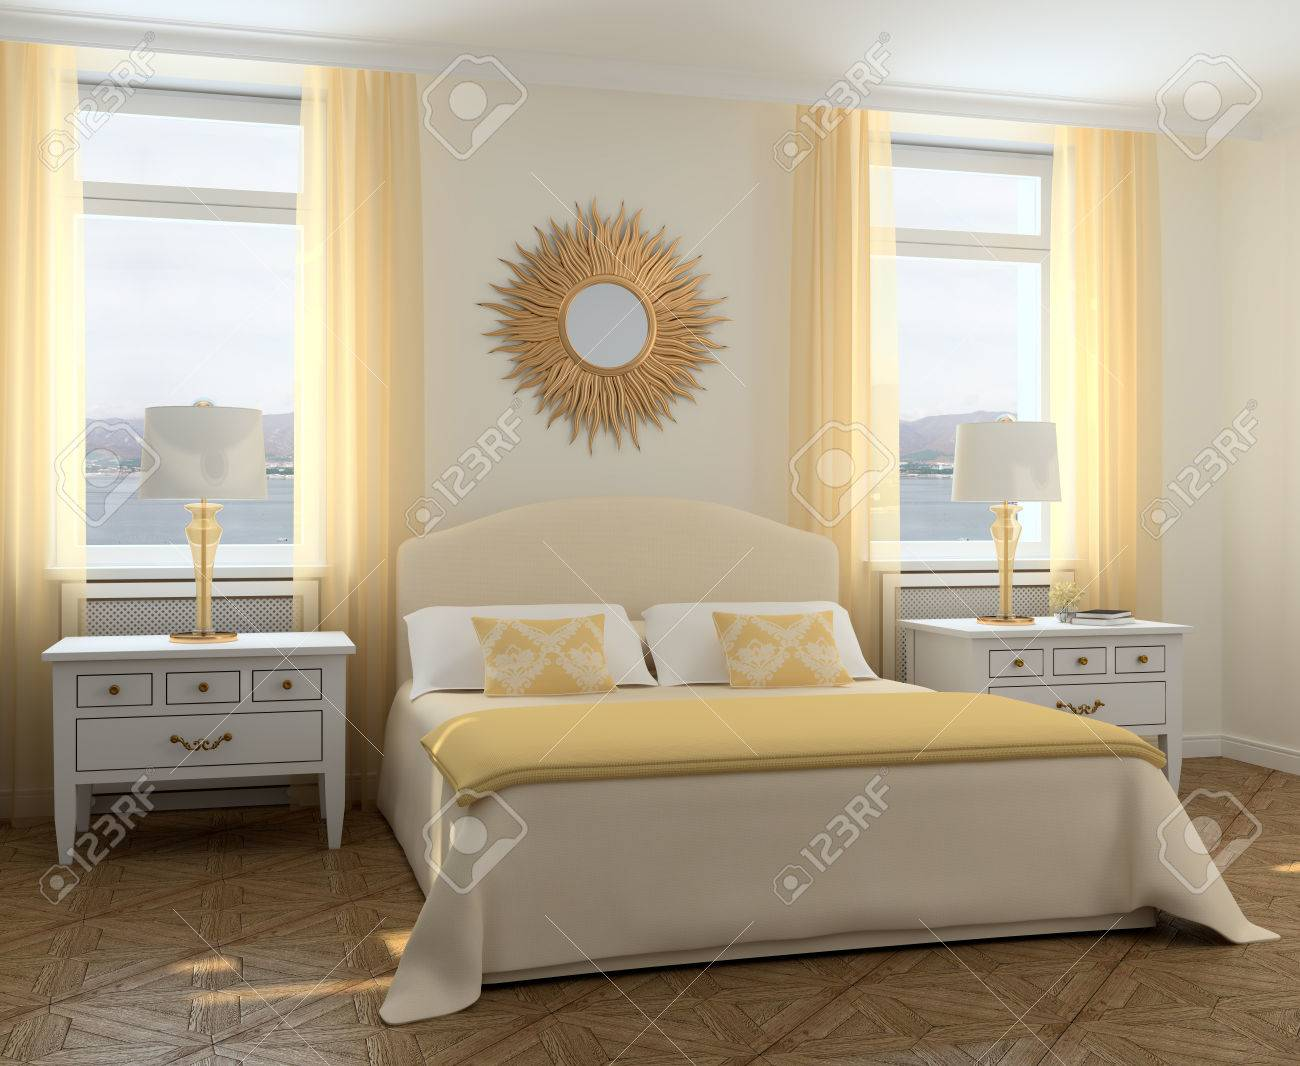 Dimensioni Finestre Camera Da Letto modern interior camera da letto. rendering 3d. foto dietro la finestra è  stata fatta da me.